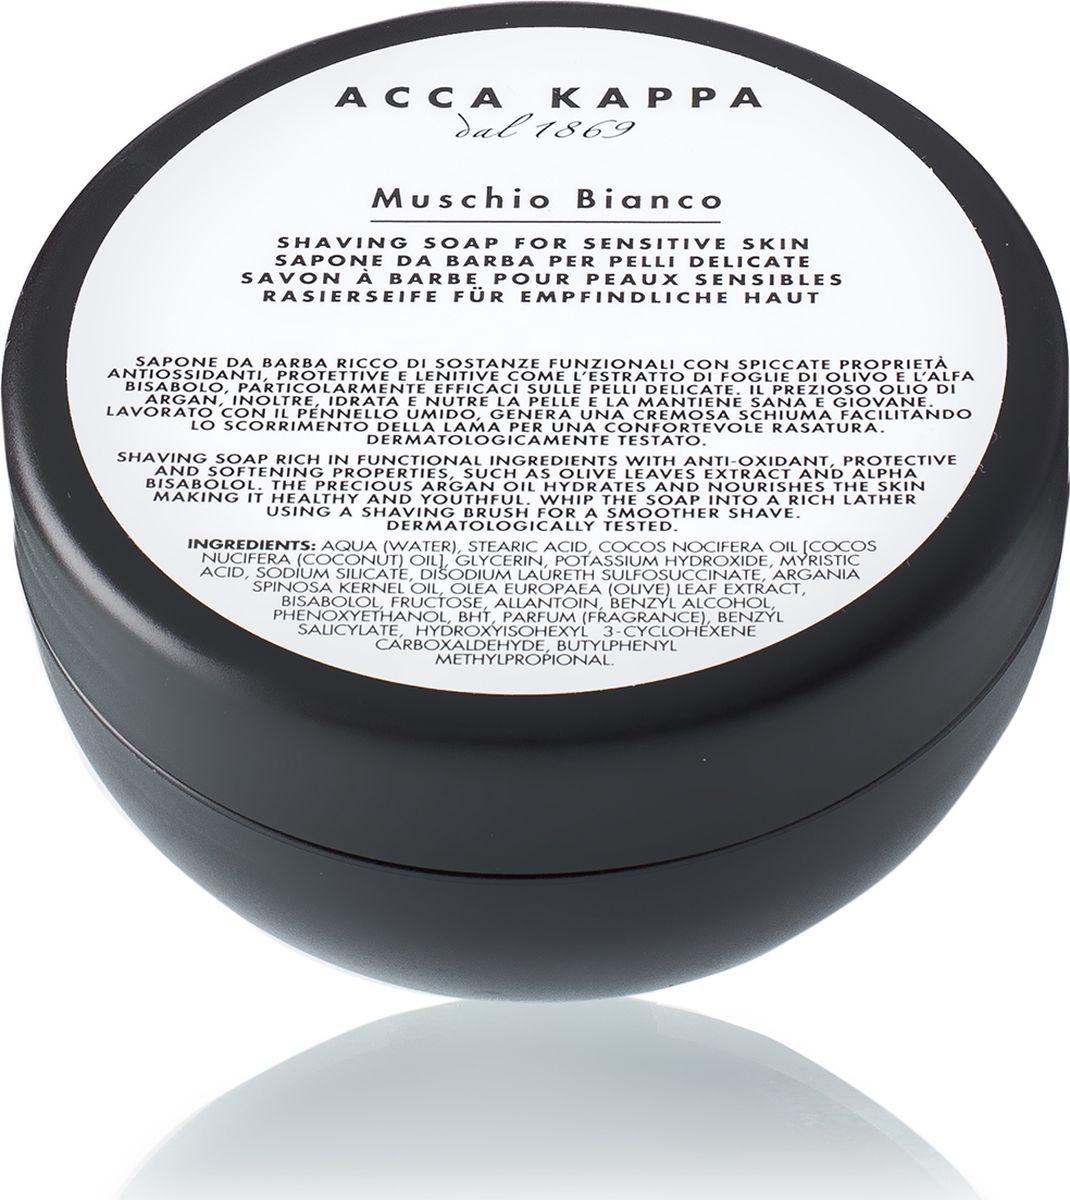 Acca Kappa Мыло для бритья Белый Мускус 200 мл853507Классическое мыло для бритья с формулой, богатой исключительно натуральными ингредиентами. Содержит поверхностно-активные вещества, полученные из пальмового и оливкового масла, которые очень бережны к коже, а также природные вещества, такие как масло сладкого миндаля, масло ши и пчелиный воск, которые обладают заметными смягчающими, увлажняющими и успокаивающими свойствами. Глицерин и кокосовое масло обеспечивают оптимальное смазывание кожи, создавая комфорт при бритье.